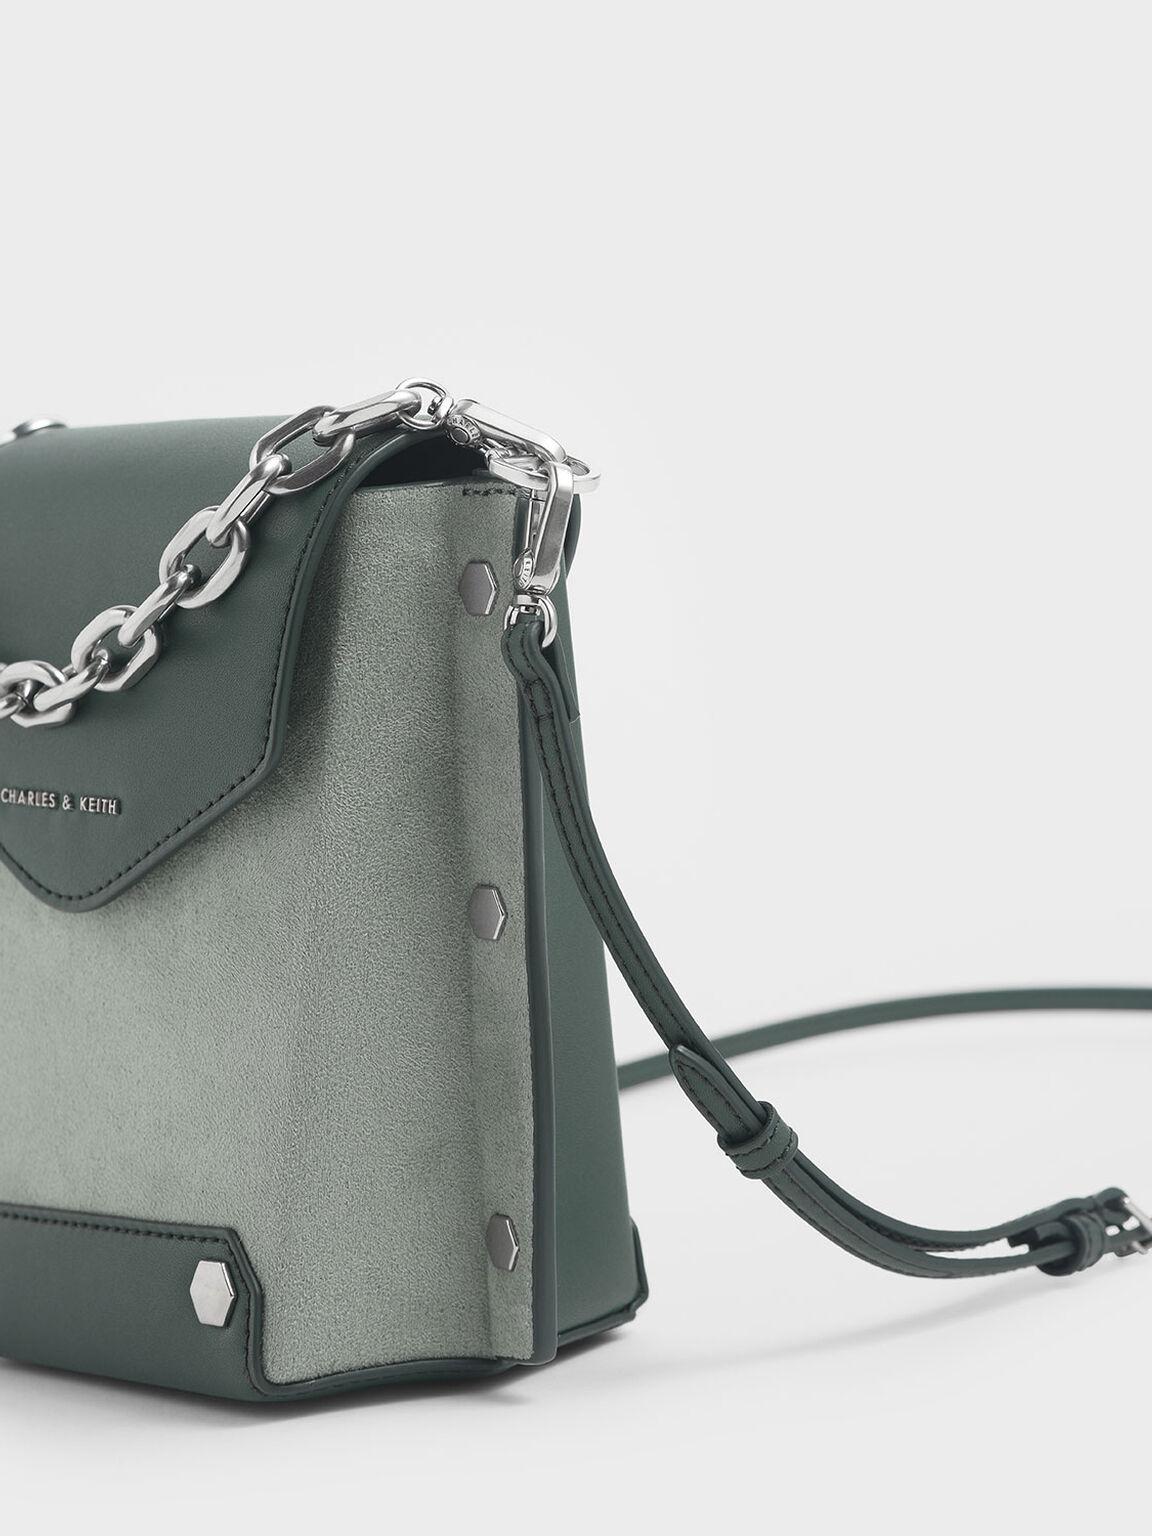 鉚釘手提包, 灰綠色, hi-res